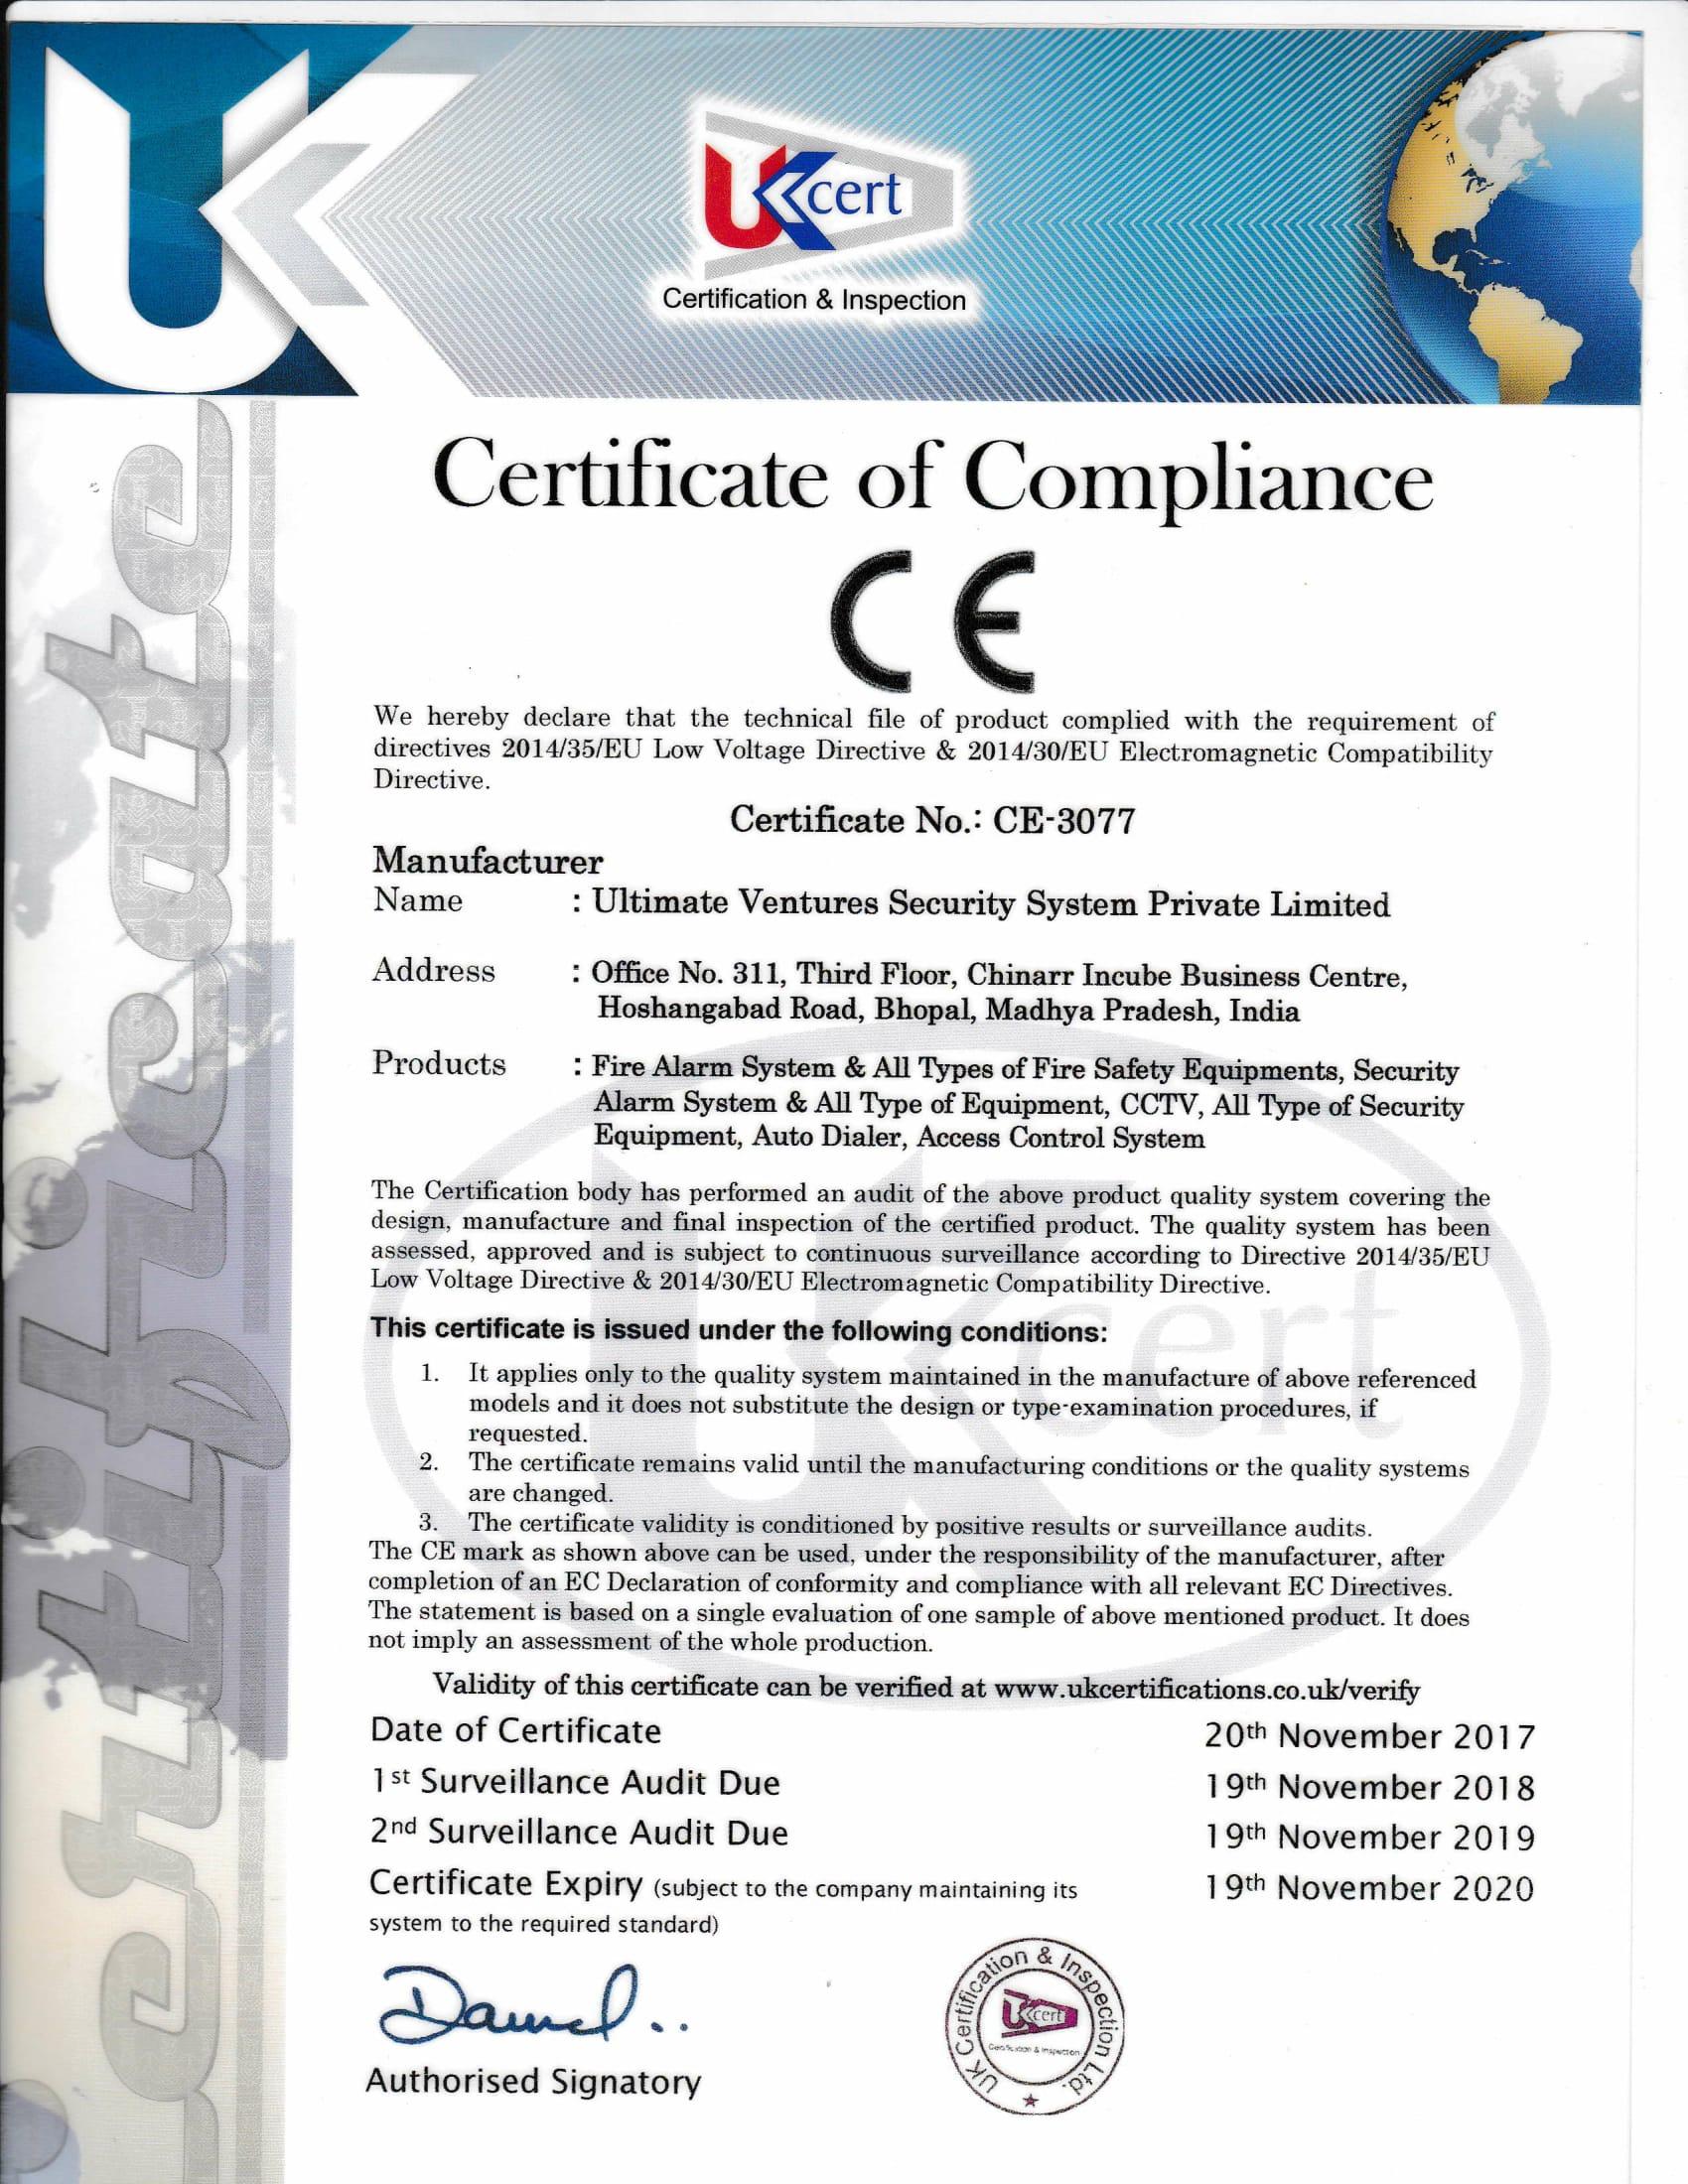 Ultimate Ventures Security System Pvt.Ltd